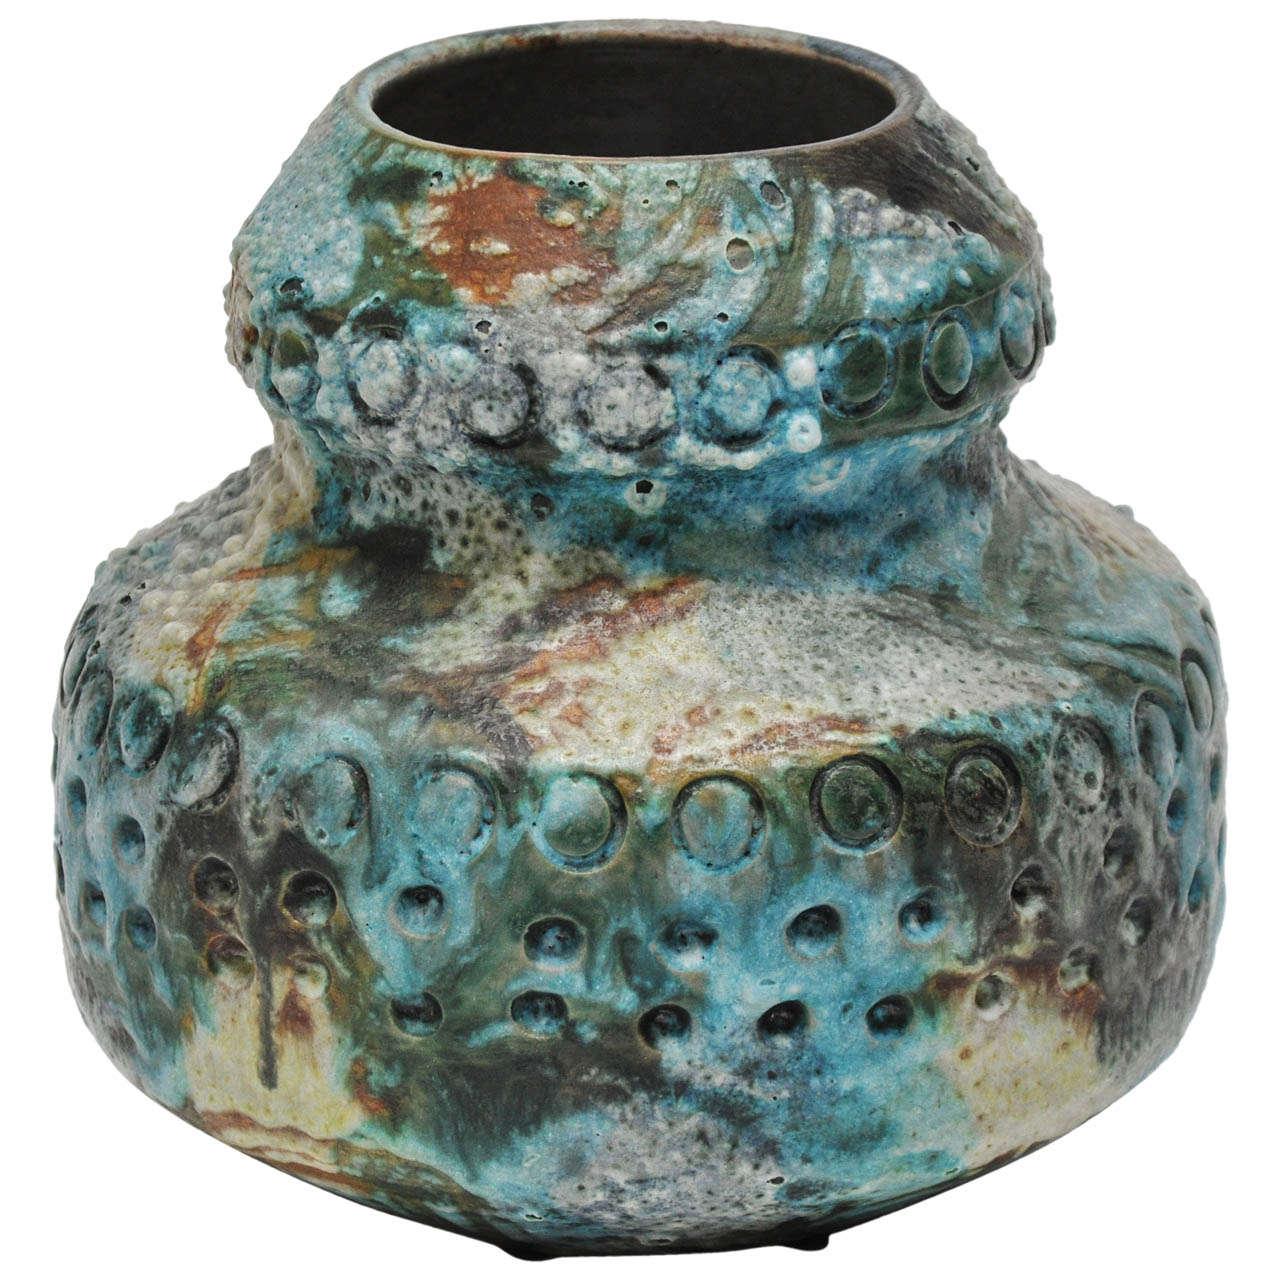 Sea Garden Series Vase By Alvino Bagni For Raymor At 1stdibs